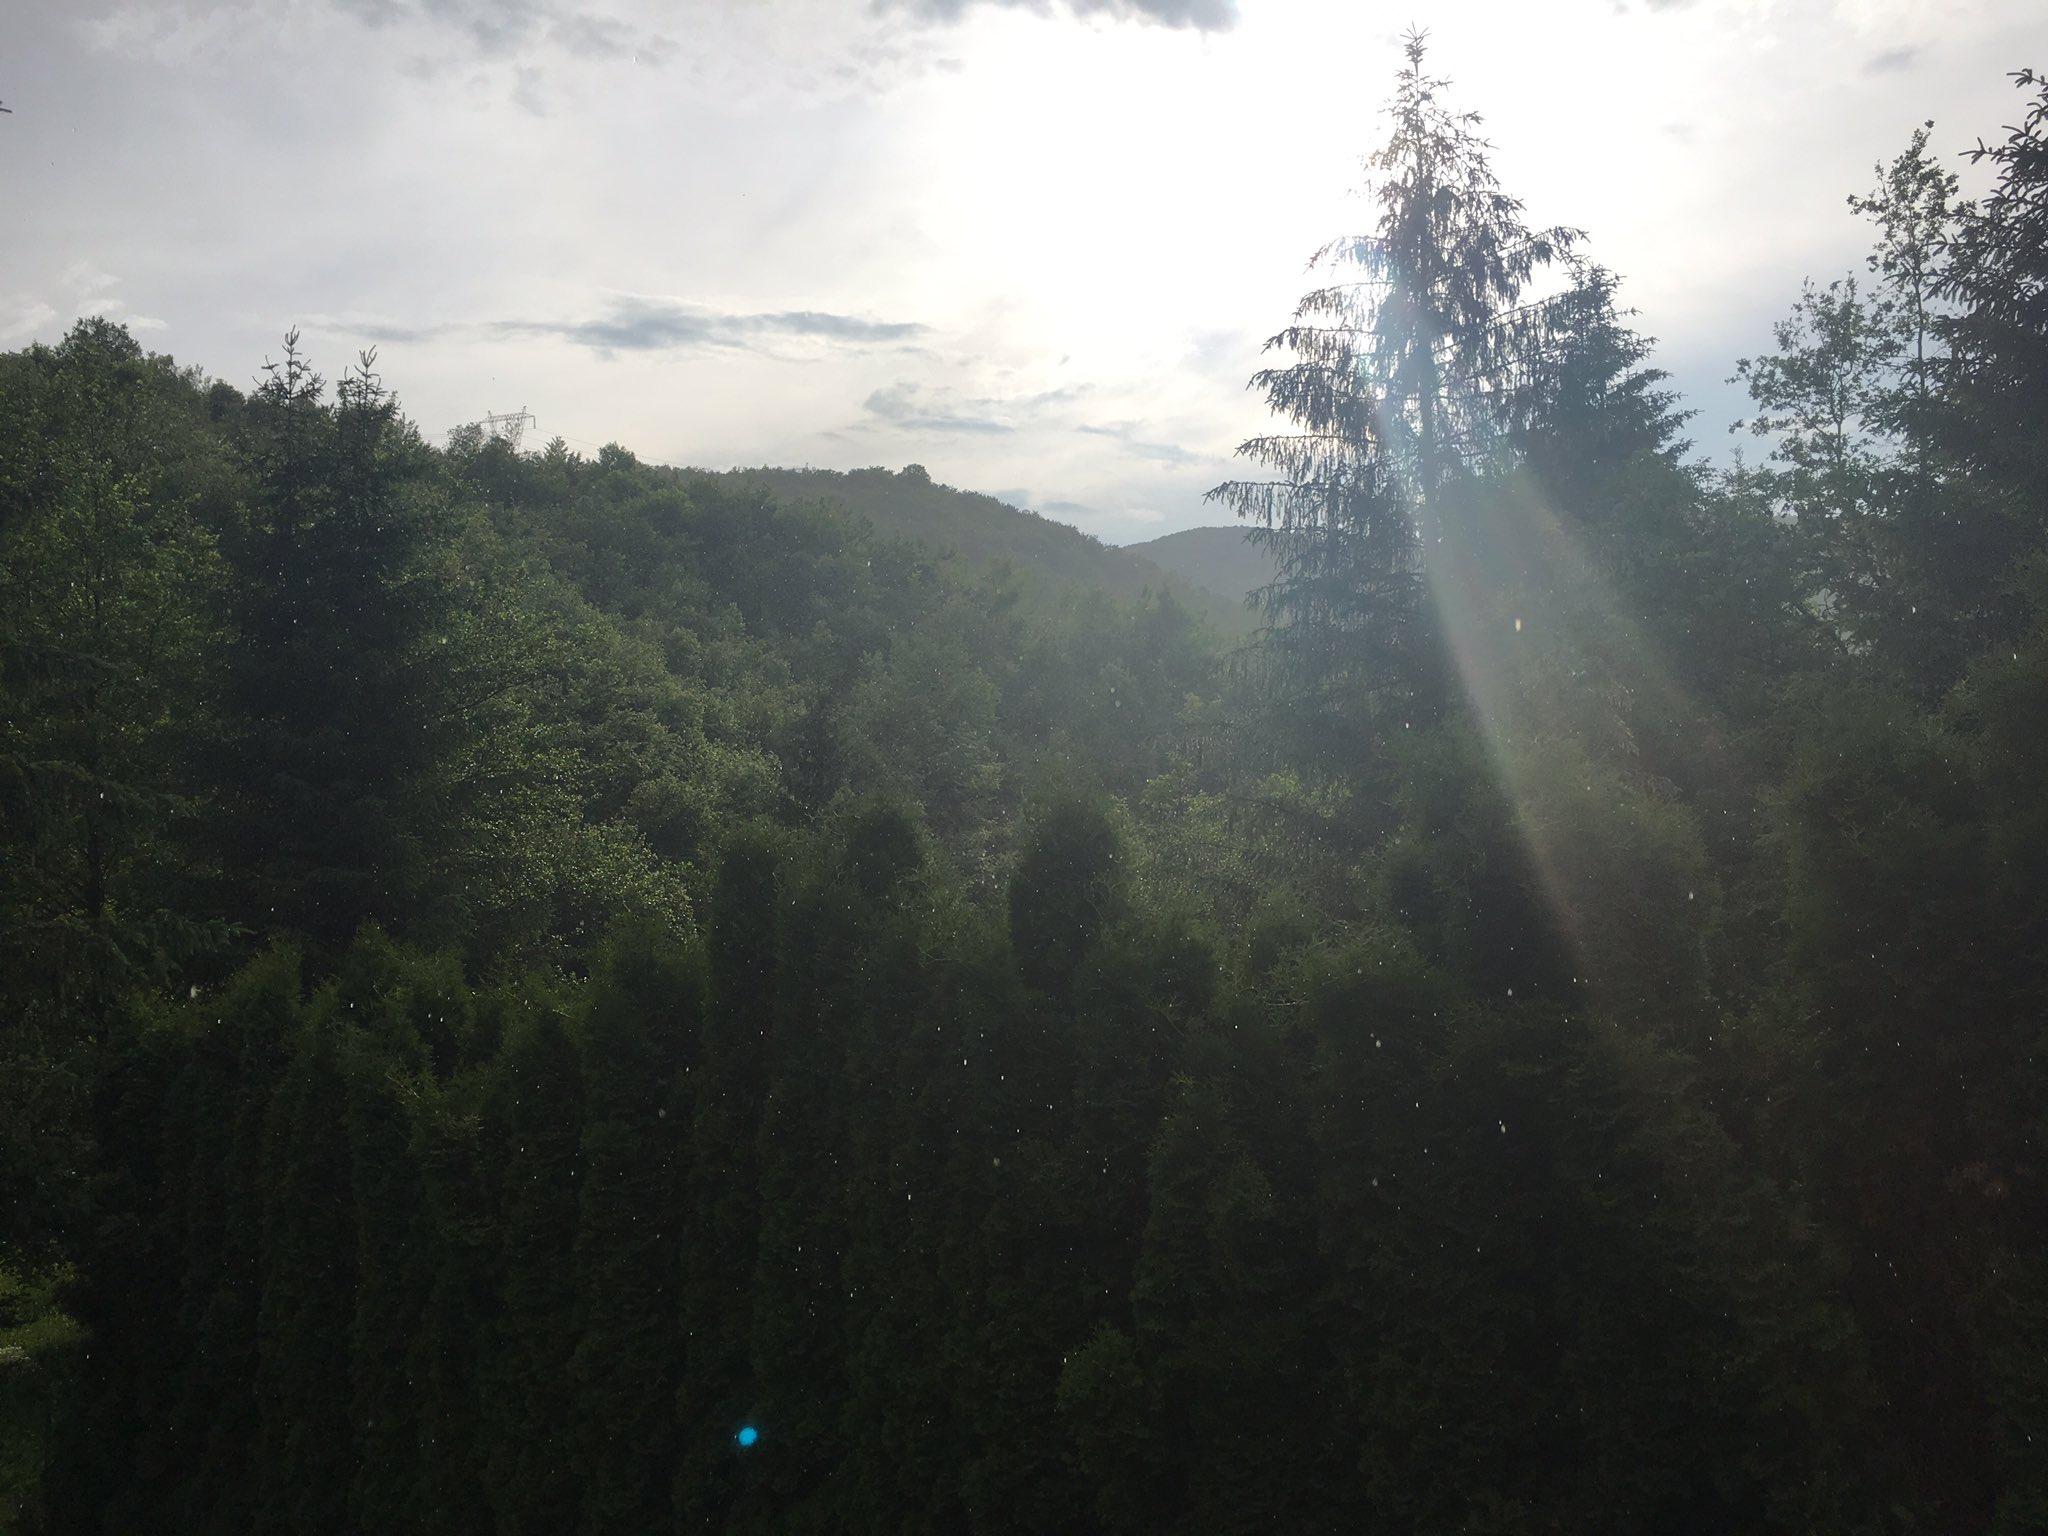 Sunce i kisa https://t.co/CsHMwFdpNV